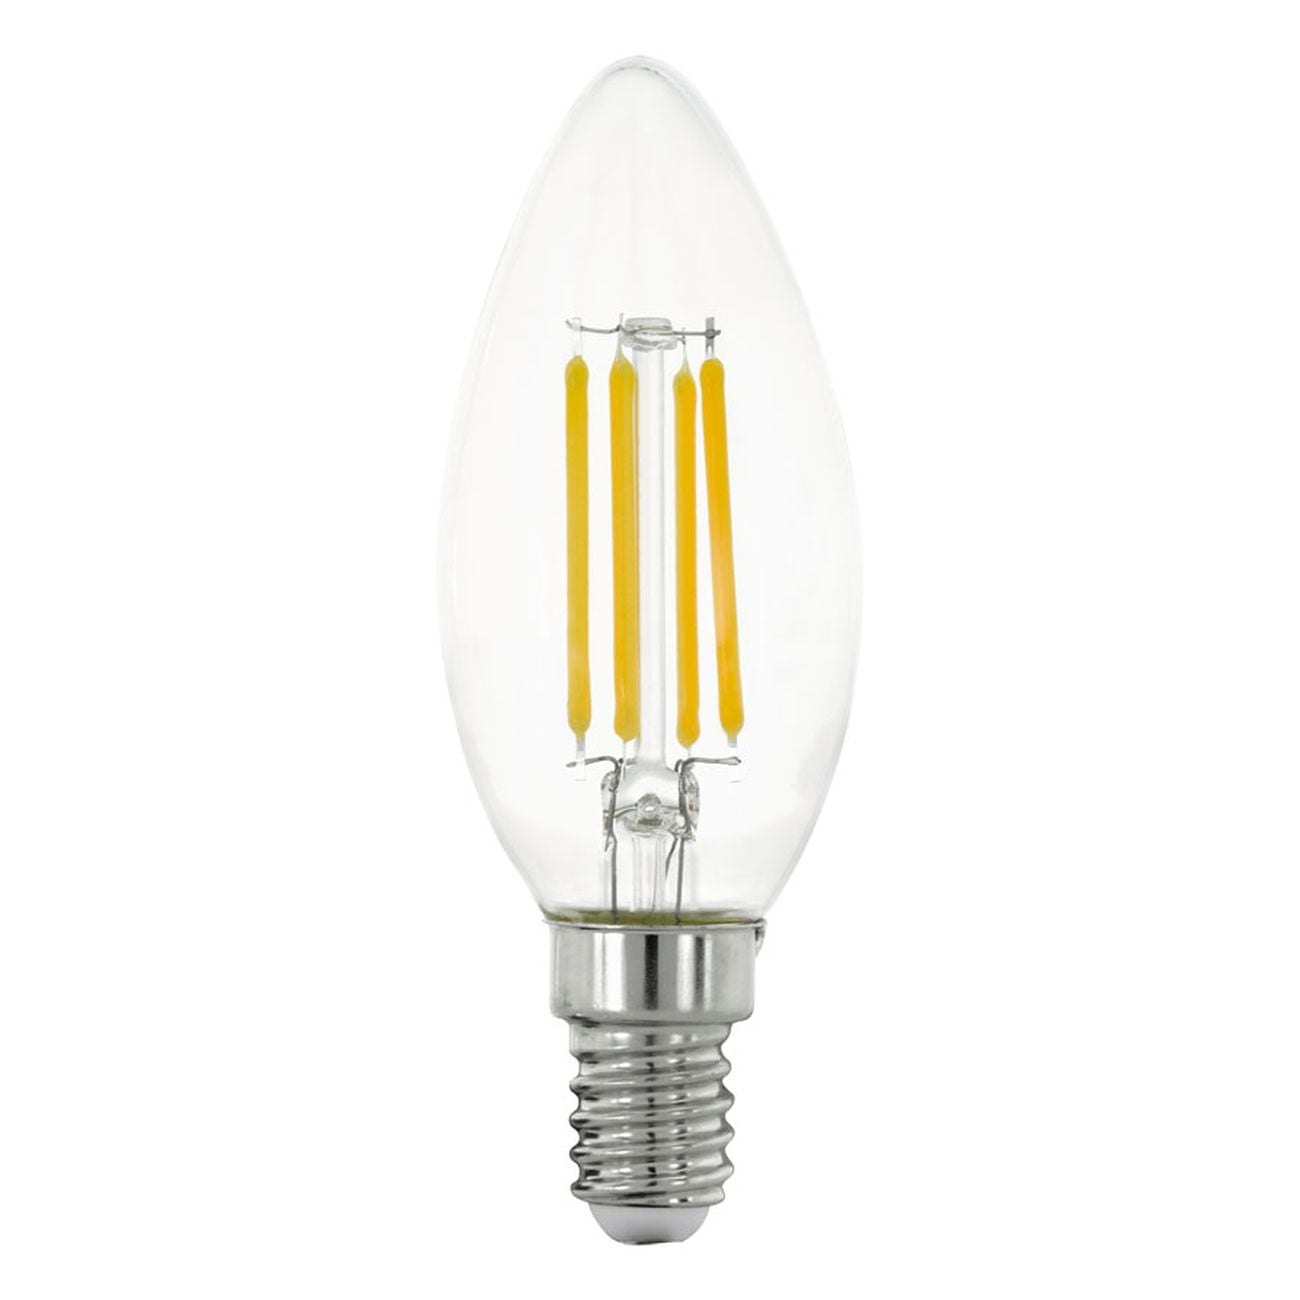 LED žiarovka E14/4W 2700K EGLO 11759